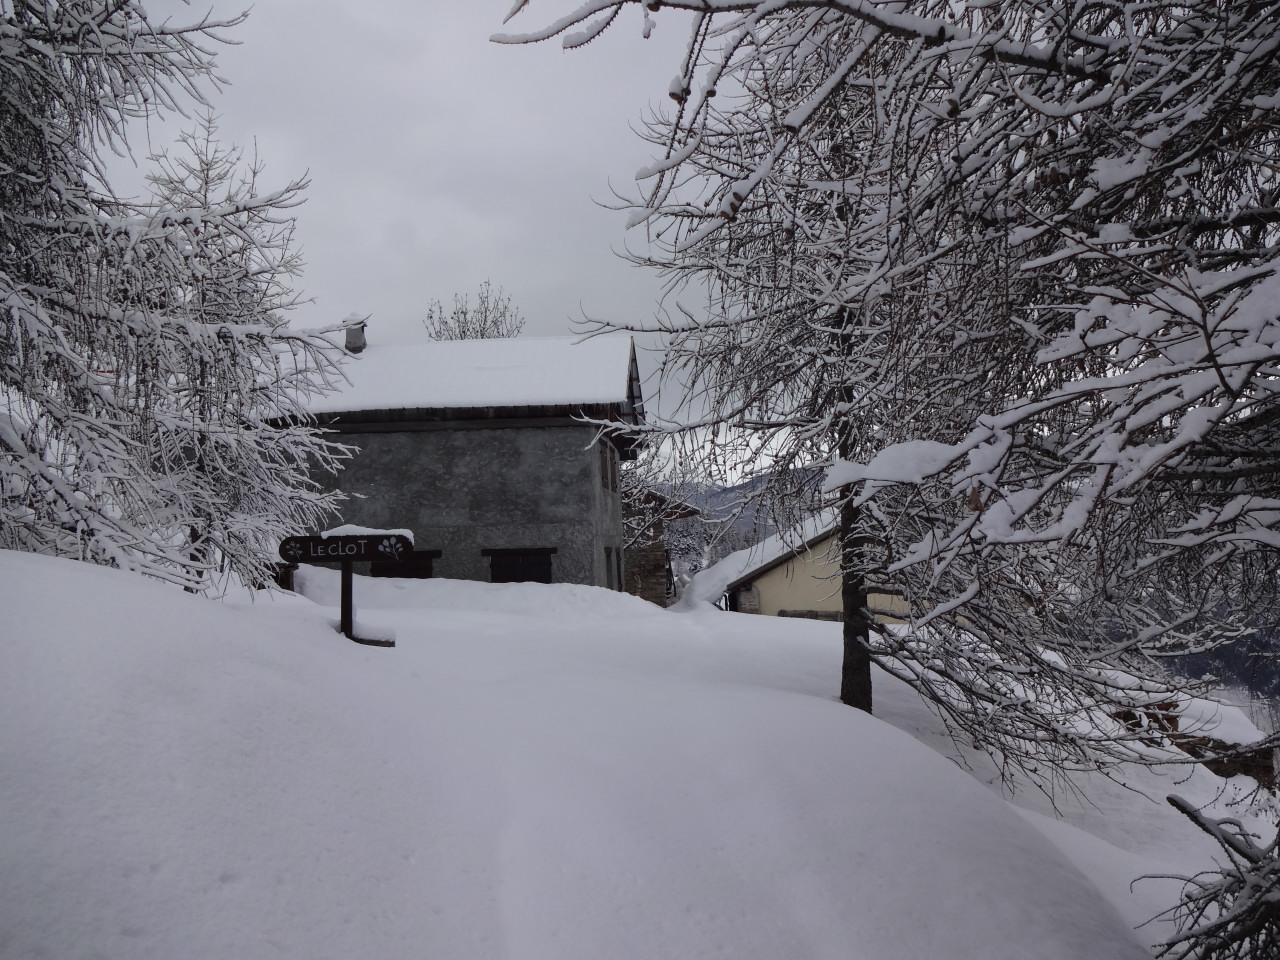 février 2014. A gauche le chalet Escoffier, à droite le chalet Bernaudon. La neige fige le paysage. Depuis des dizaines d'années maintenant elle représente un attrait pour les touristes sans être une contrainte pour les paysans. Les fermes et chalets reconvertis sont devenus des résidences confortables …ou des éléments du décor.